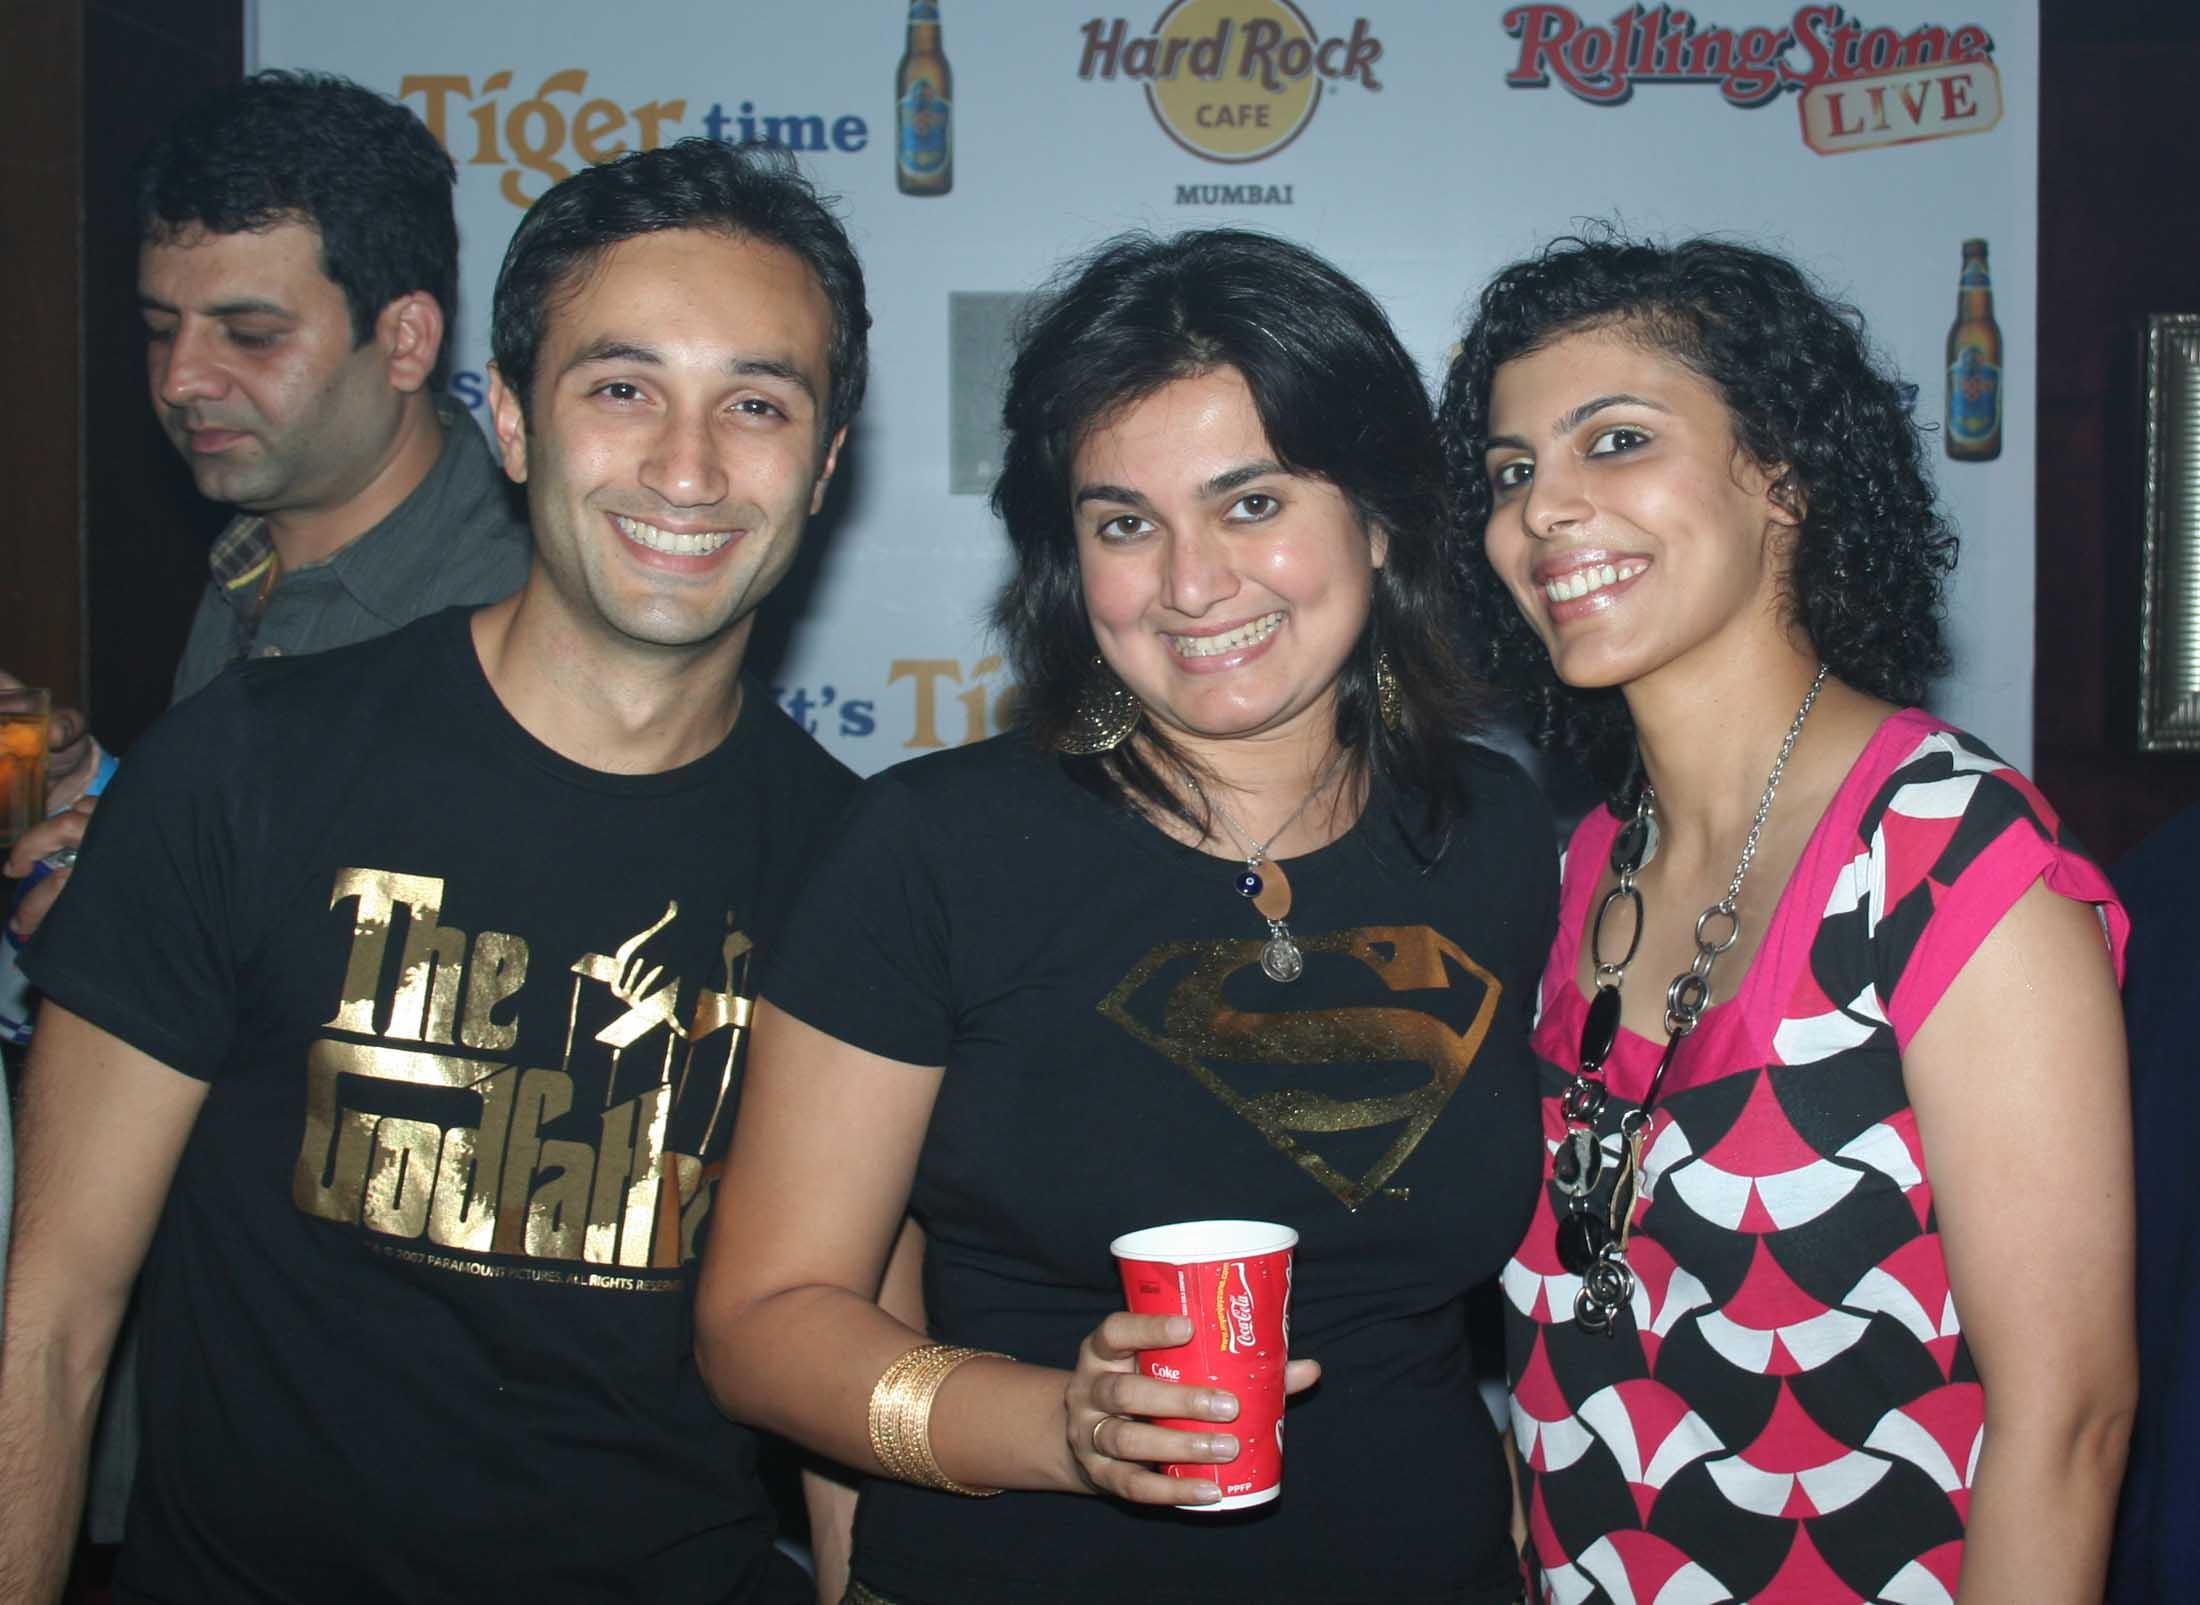 Aditya Hitkari, Divya Palat and Anu Menon of Lola Kutty fame